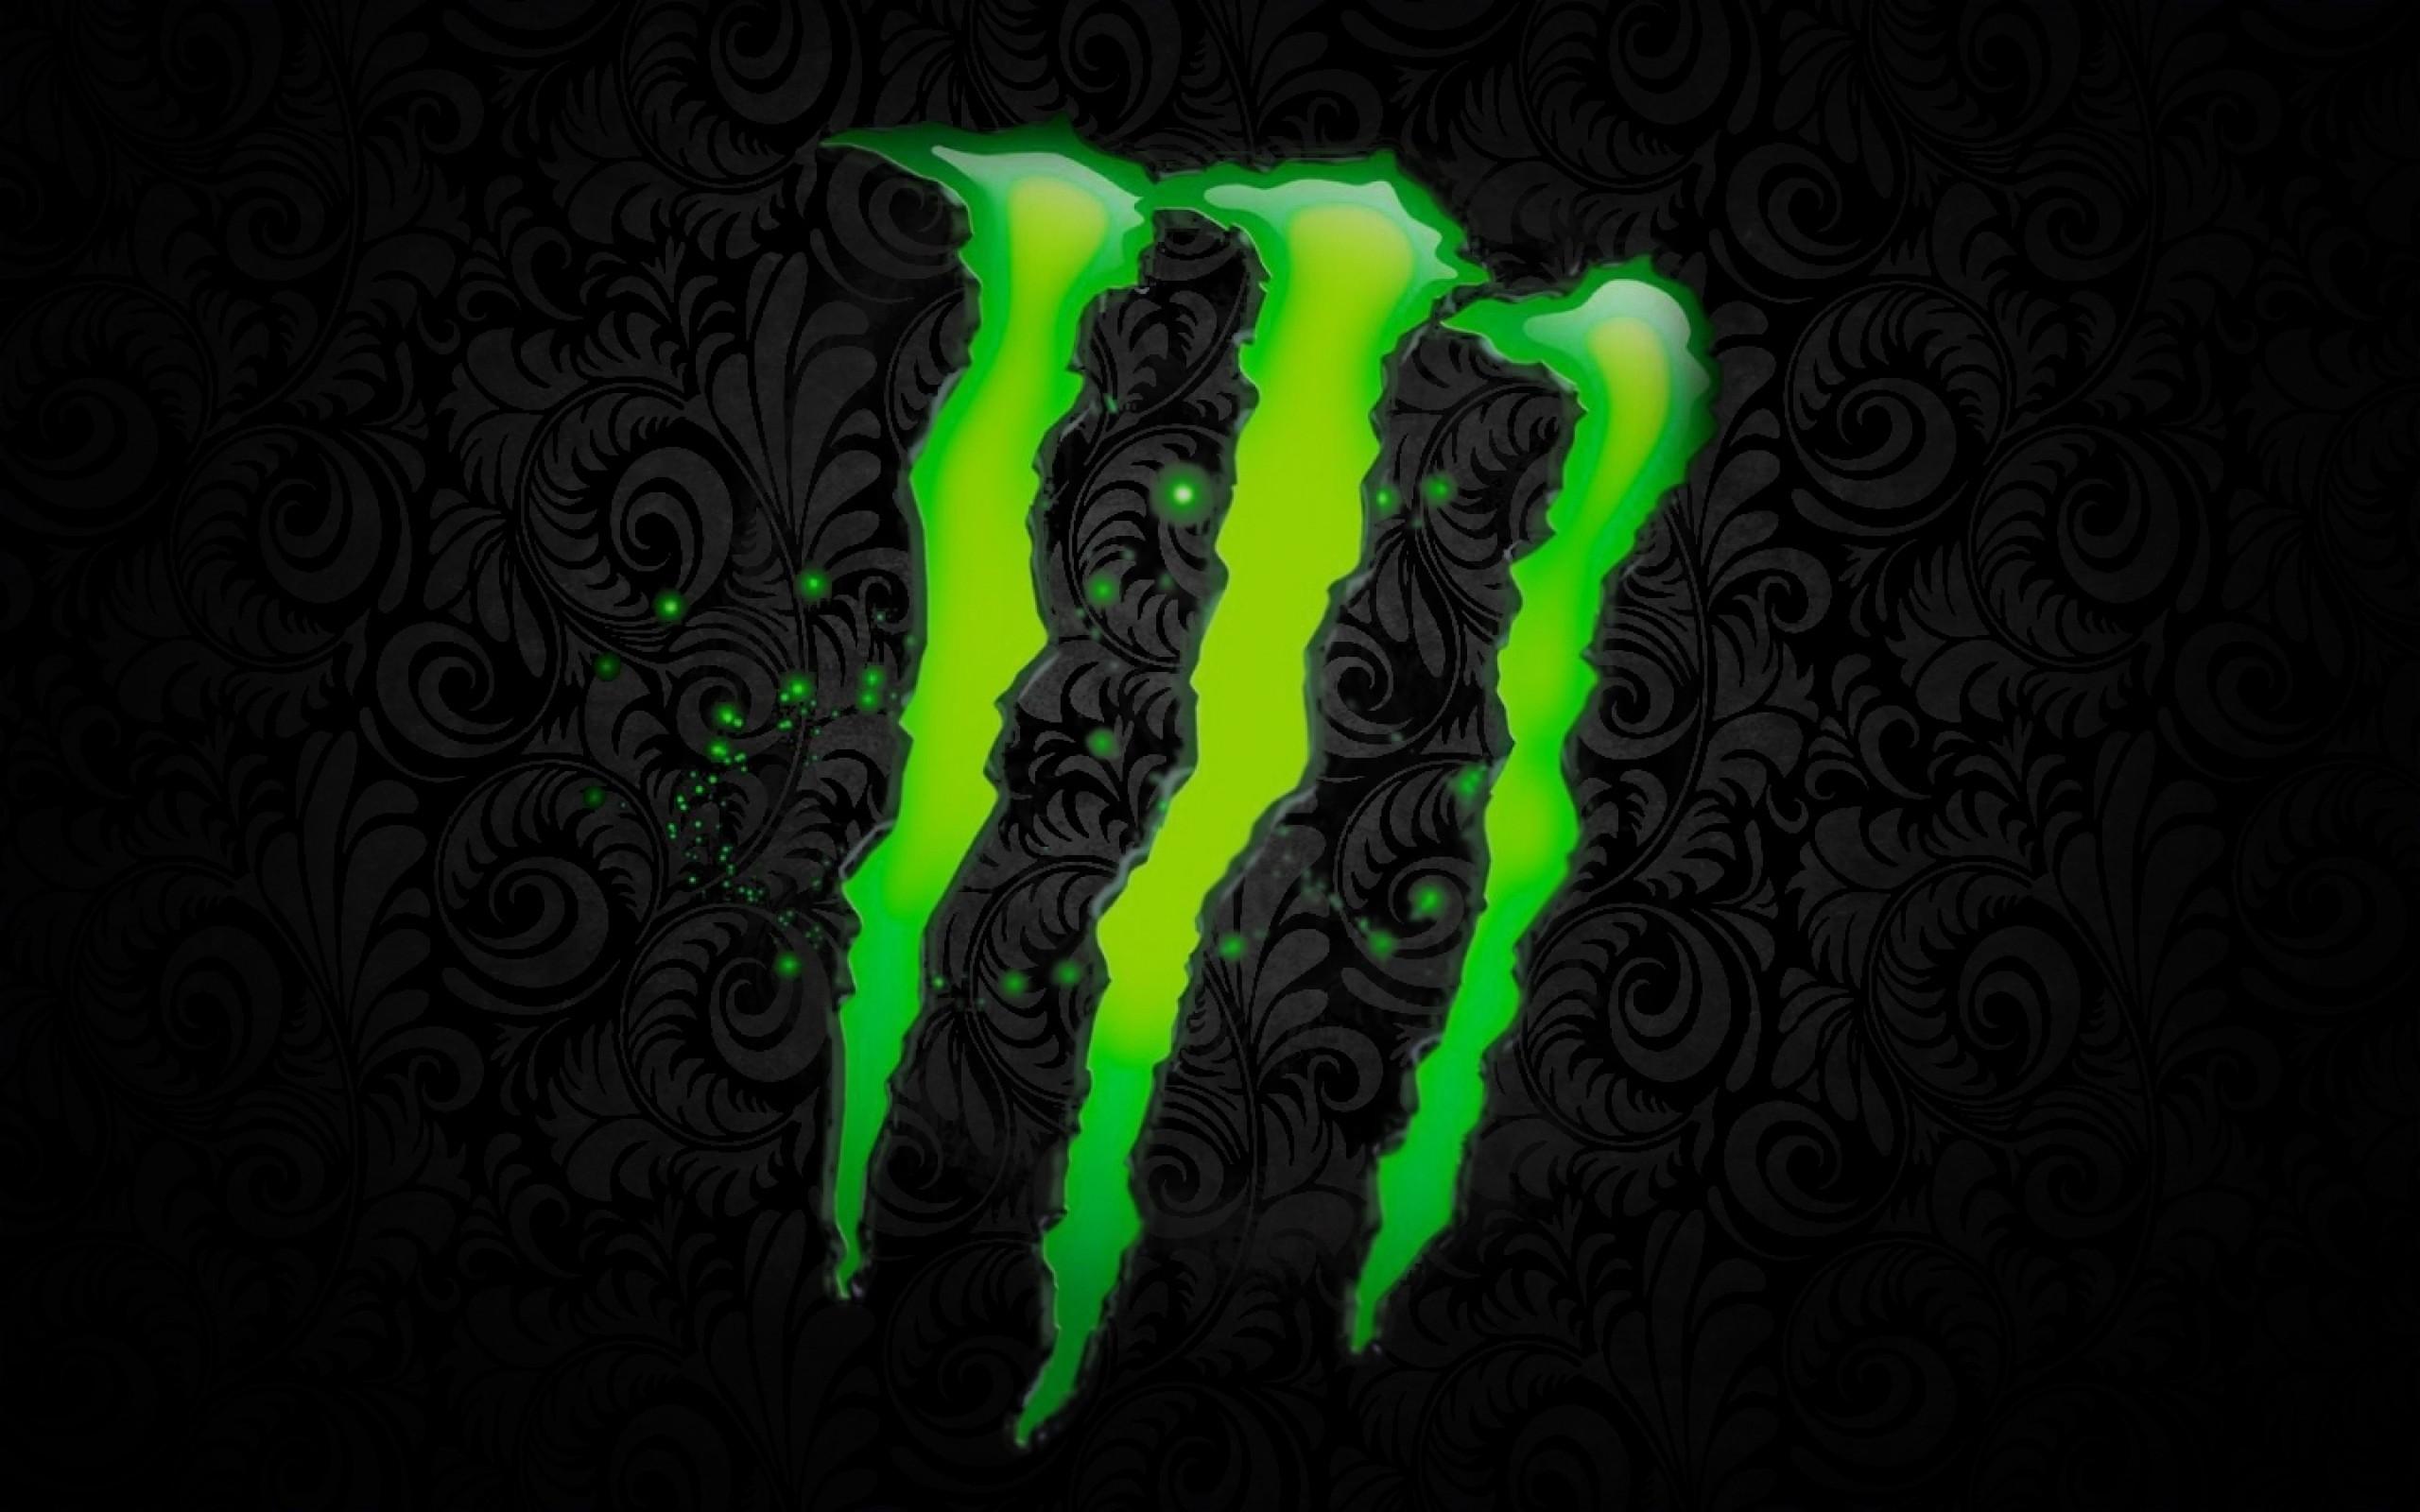 963533-monster-energy-logo-wallpapers-25